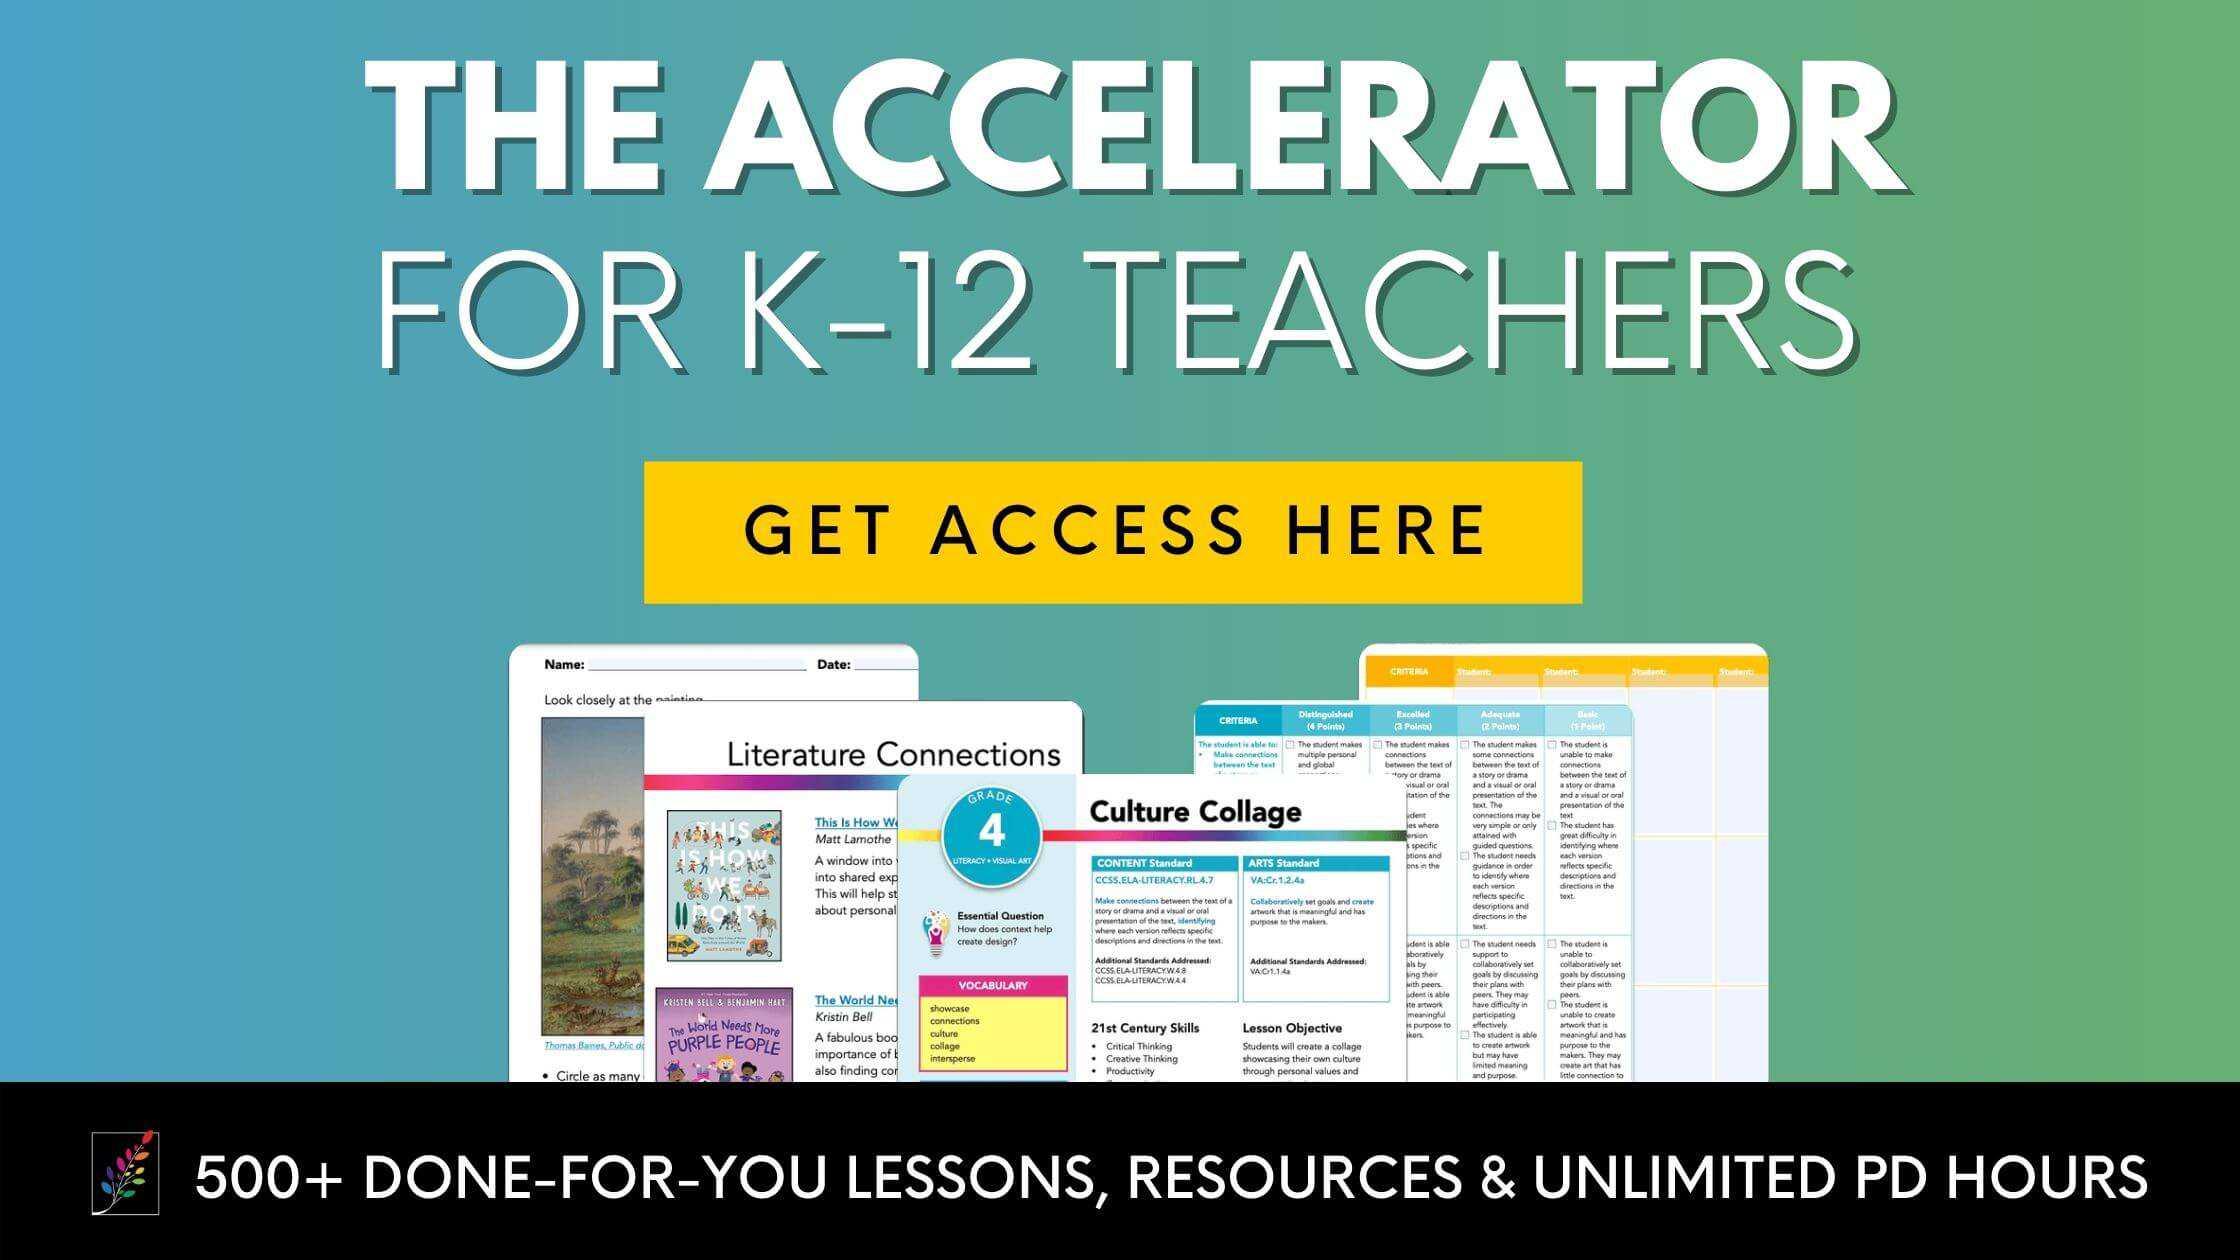 The Accelerator for K-12 Teachers